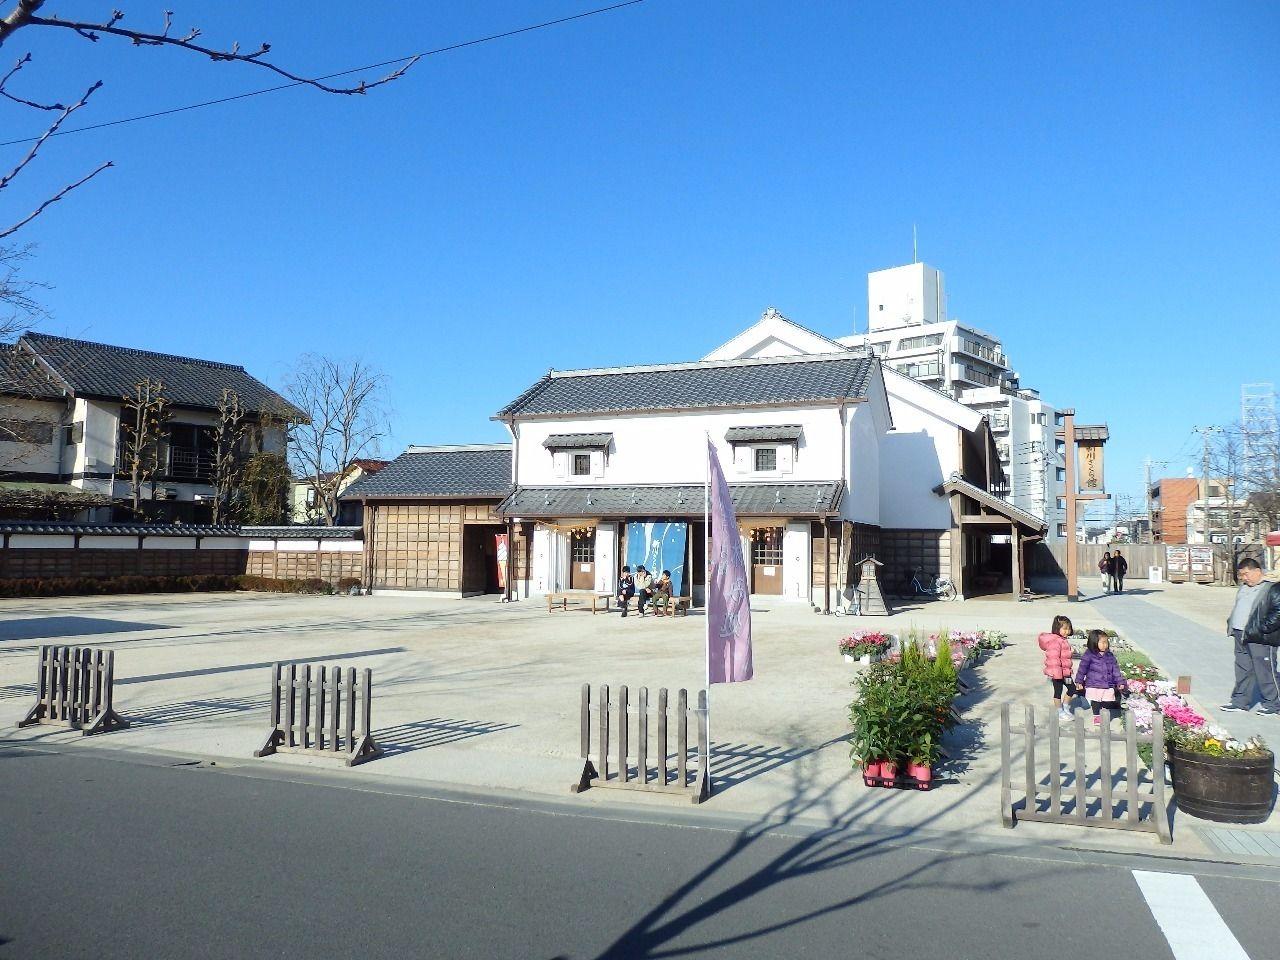 新川千本桜の拠点施設で、江戸川区の伝統工芸品やお飲み物などを販売しております。